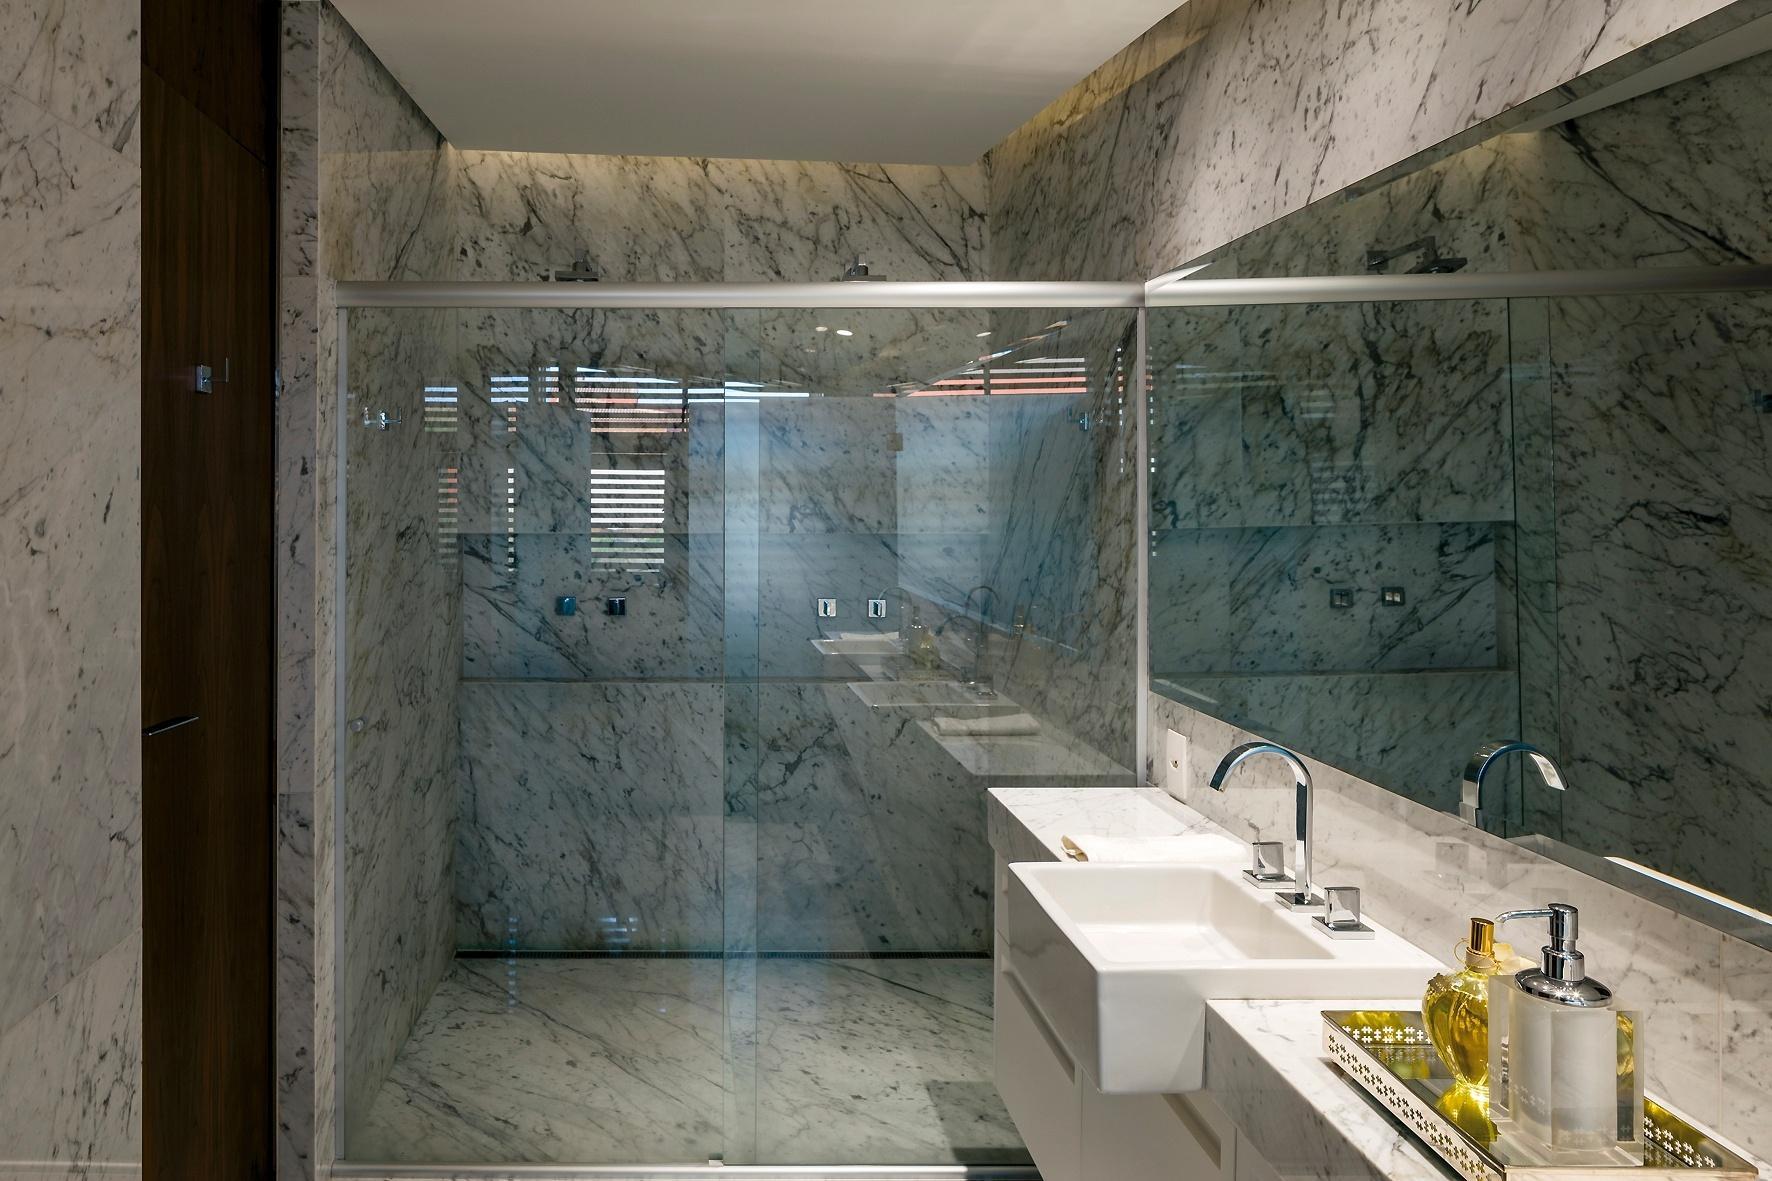 A elegância domina o banheiro da suite do casal, no volume dos dormitórios. O espaço é todo em mármore e a iluminação fica embutida nas sancas. A Casa Braga é um projeto do arquiteto Gustavo Penna